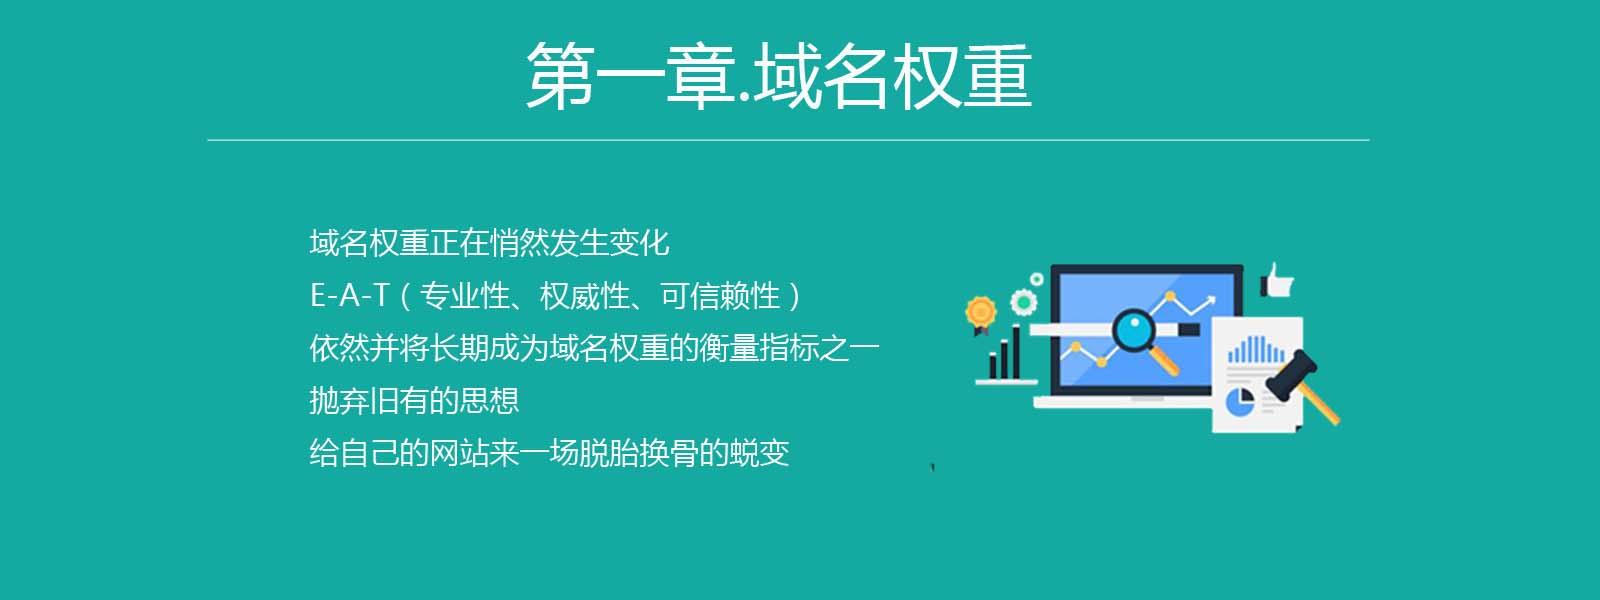 2020年权威谷歌SEO优化指南